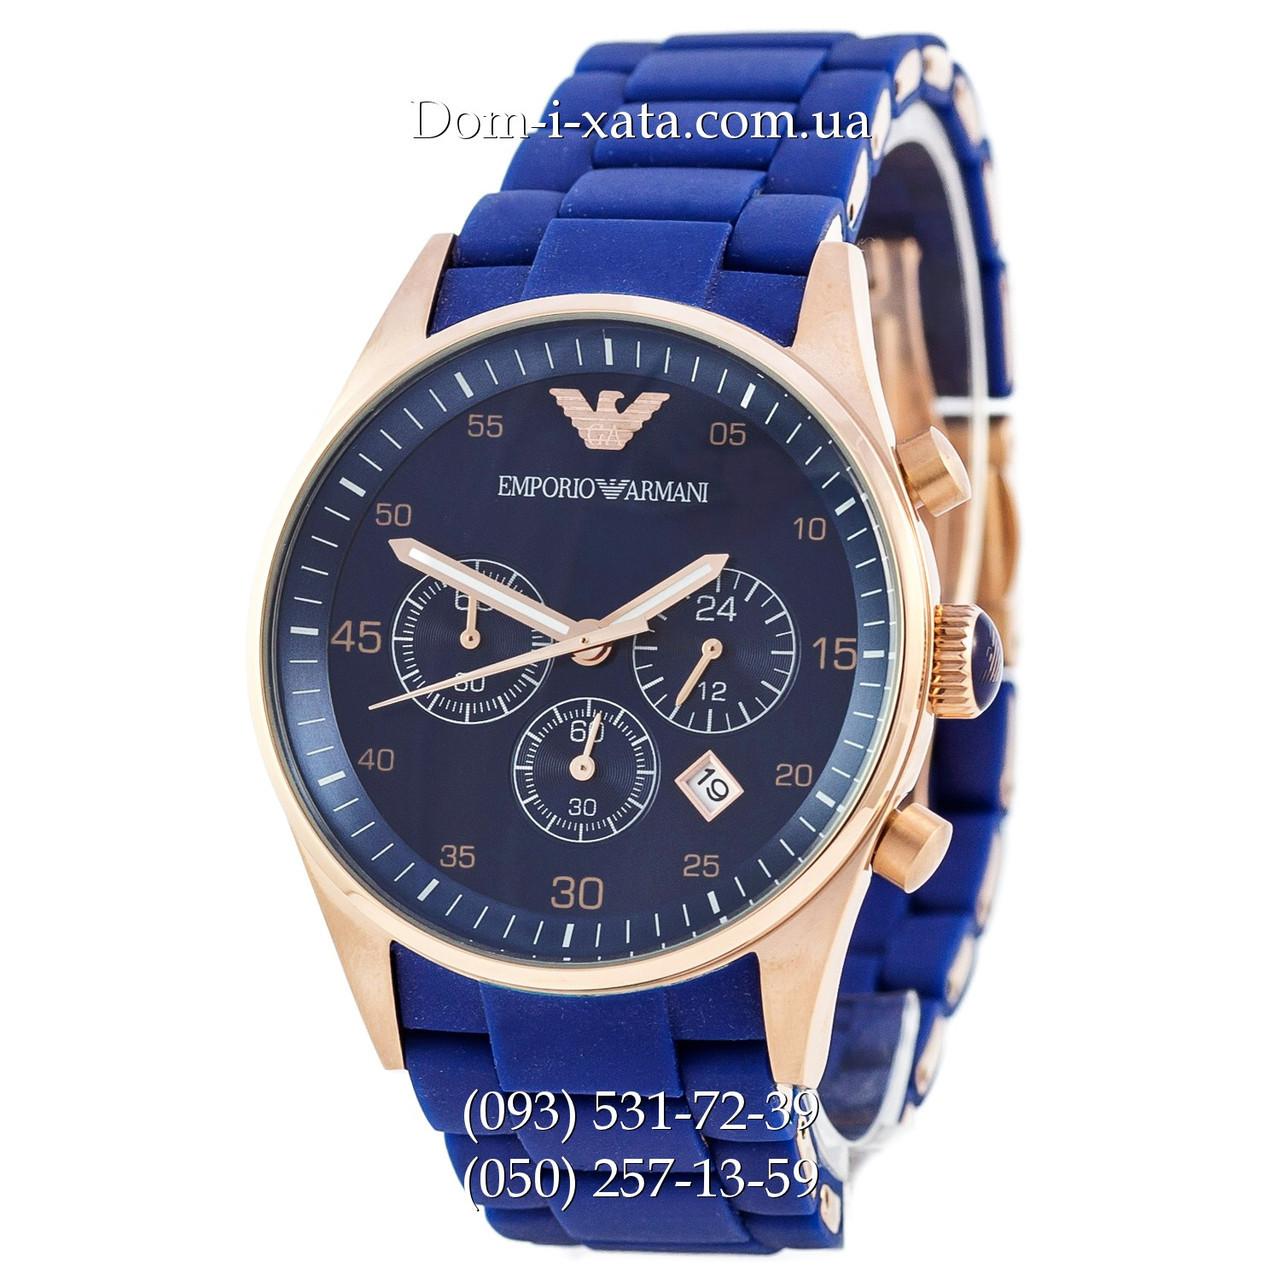 Часы элитные мужские Emporio Armani blue-gold, Эмпорио Армани синий-золото, реплика отличное качество!